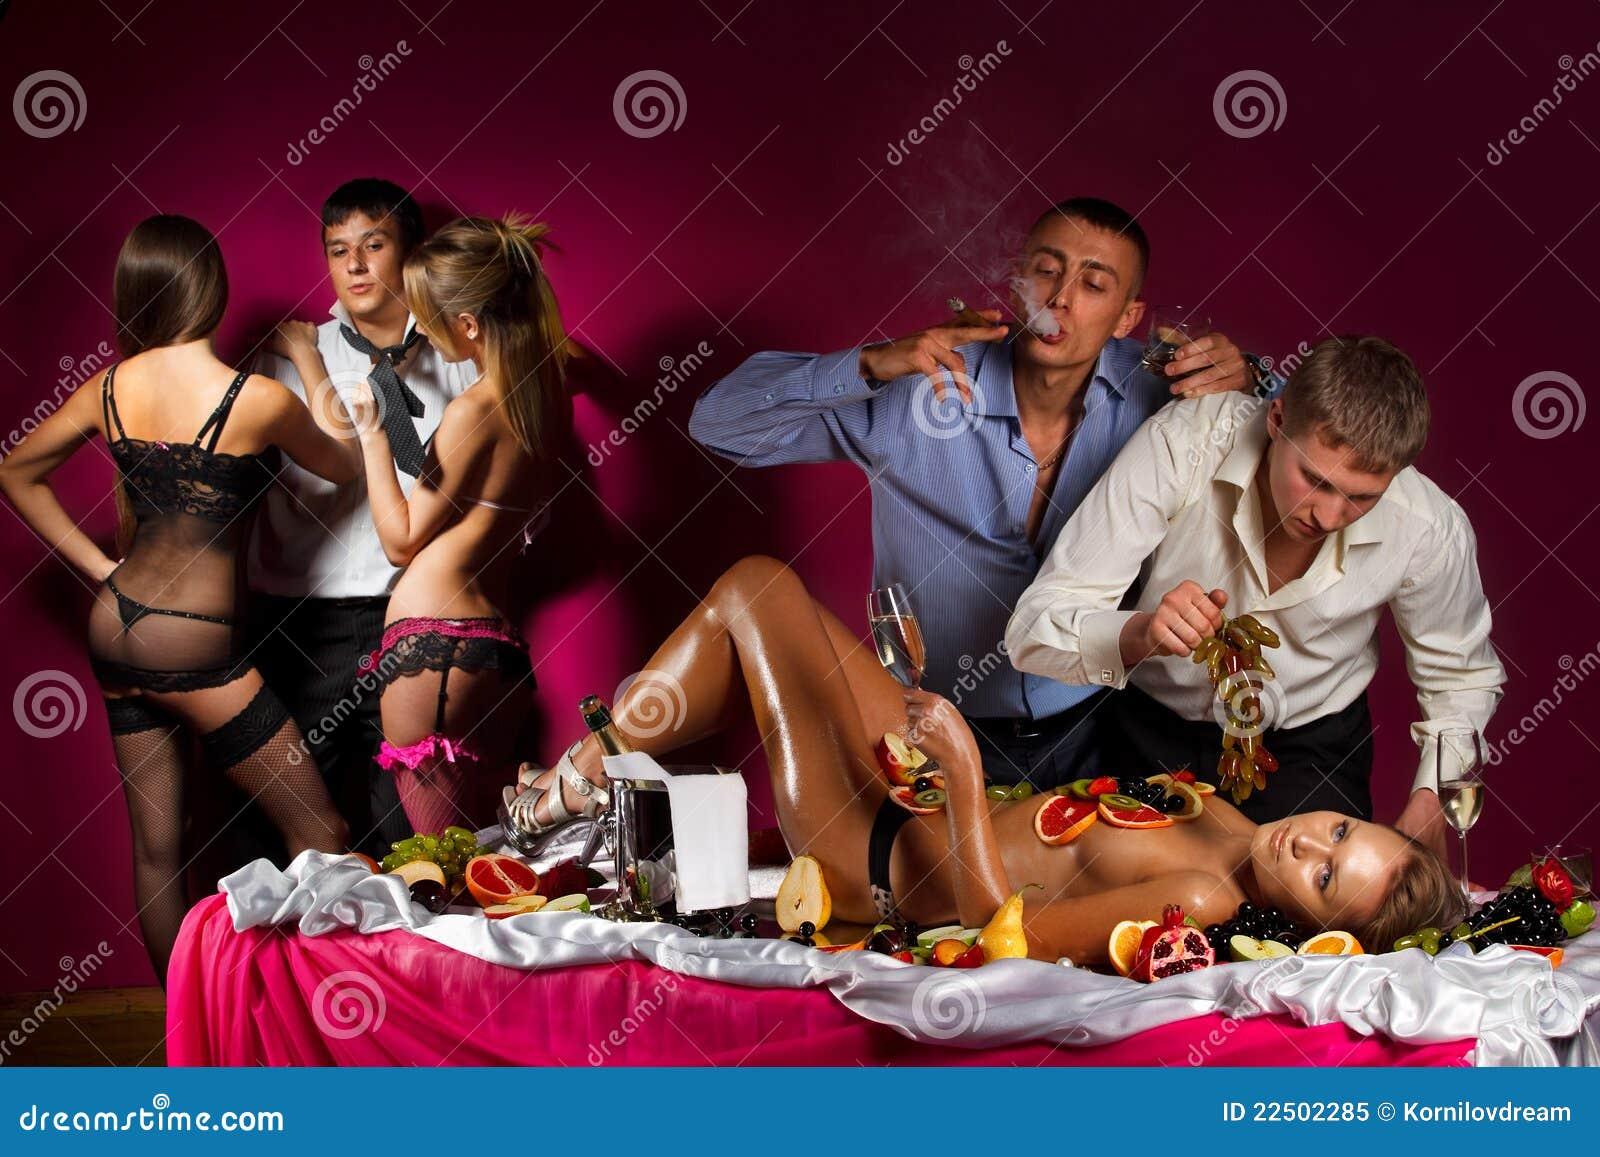 Свинг вечеринка в спб 1 фотография